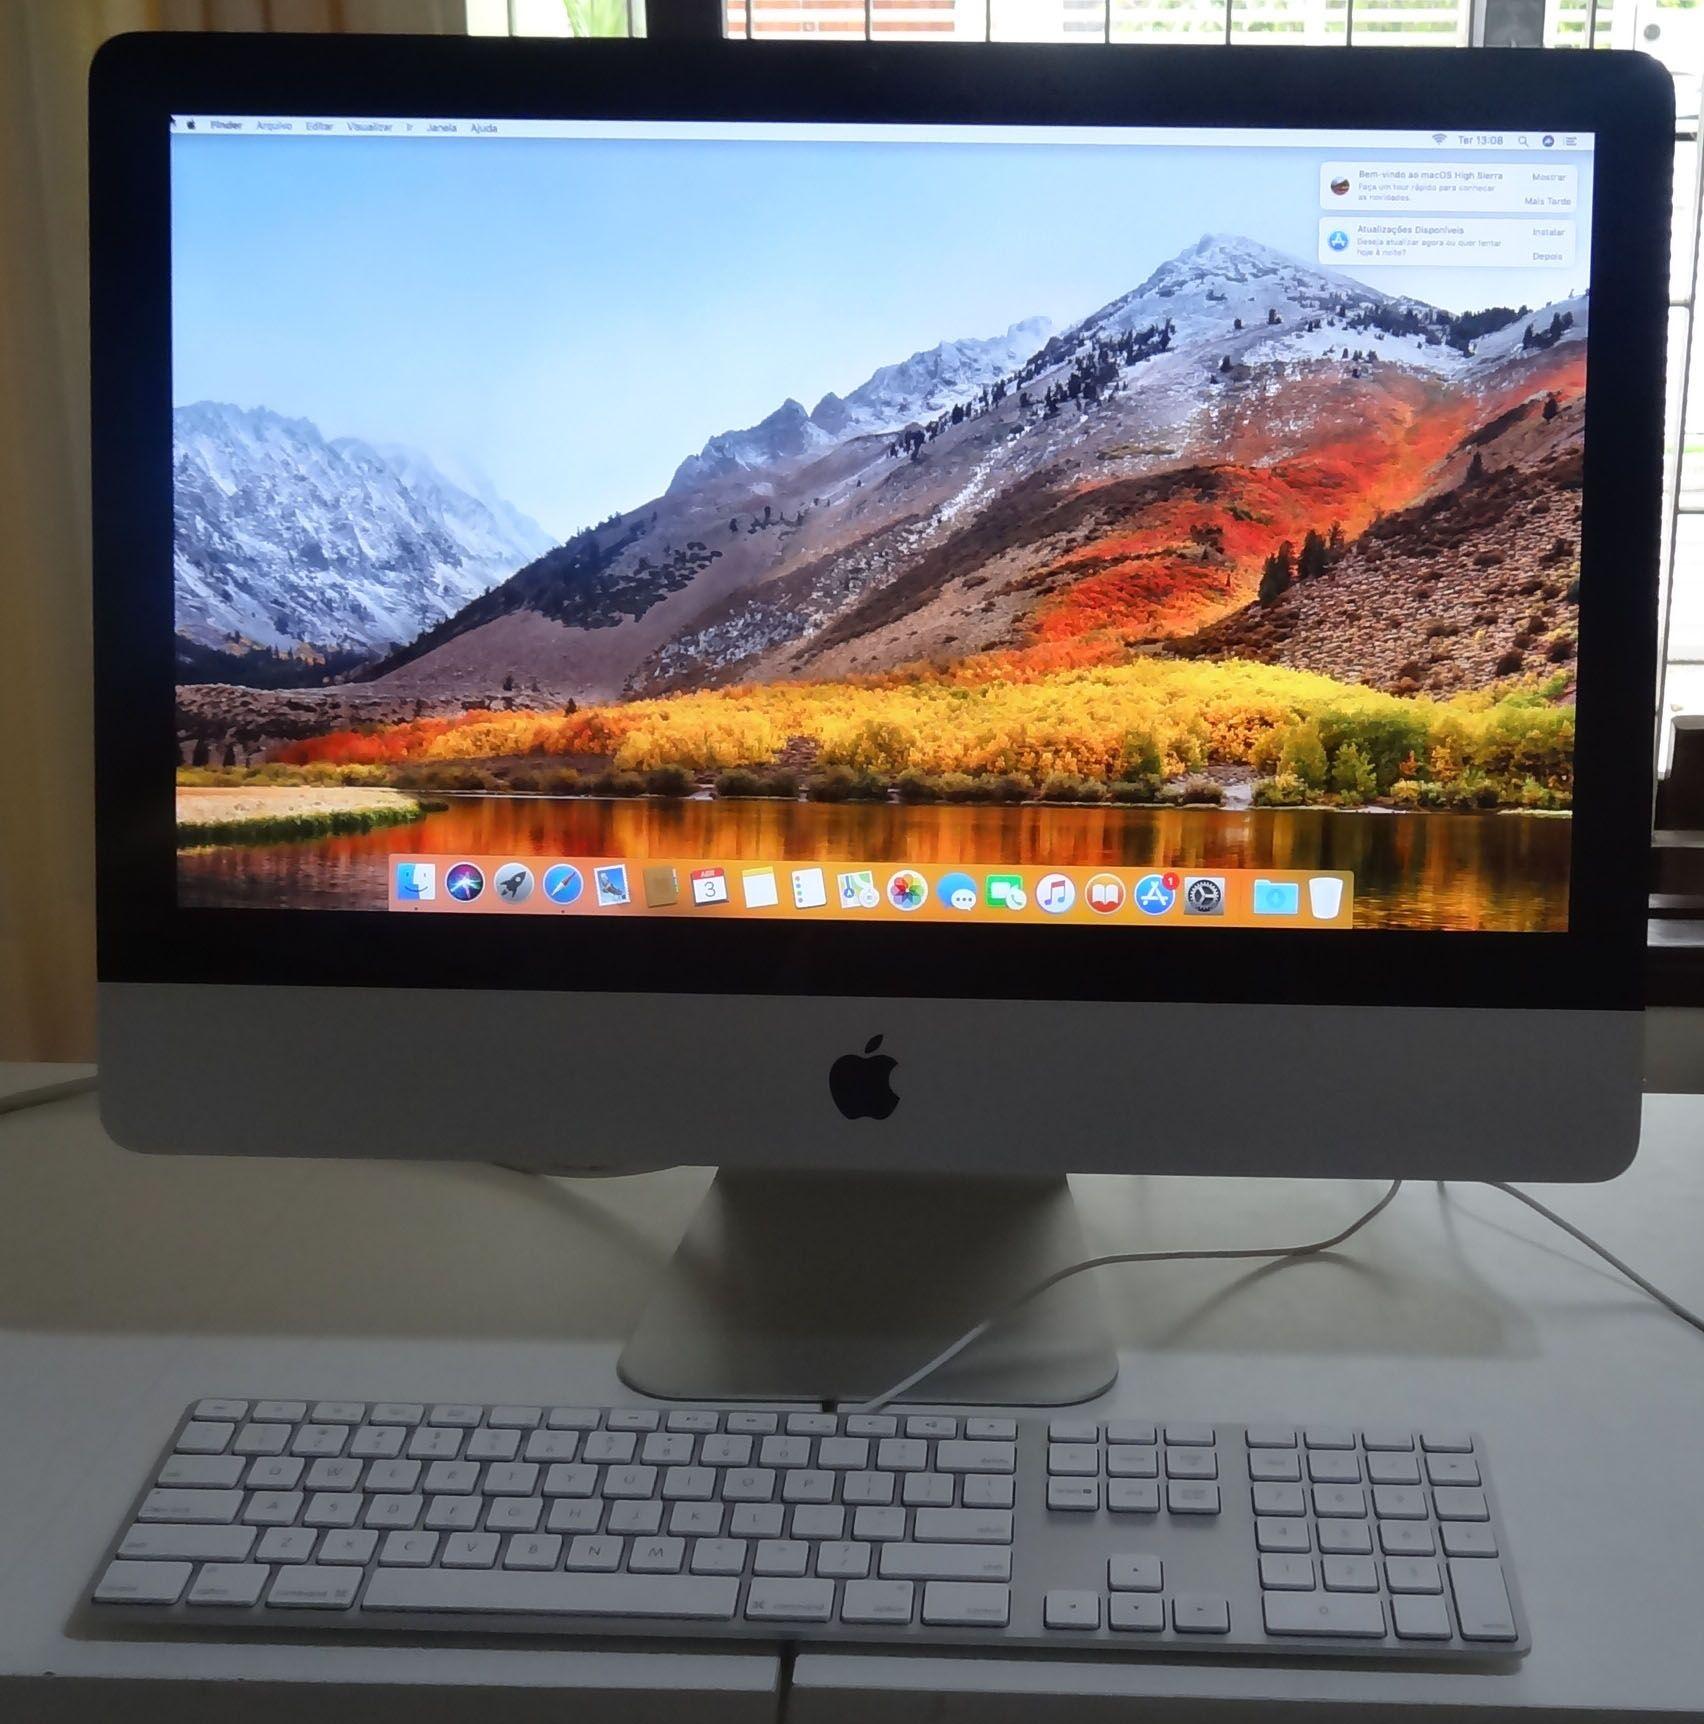 iMac MC309LL/A 21.5'' Intel Core i5 2.5GHz 8GB HD-500GB